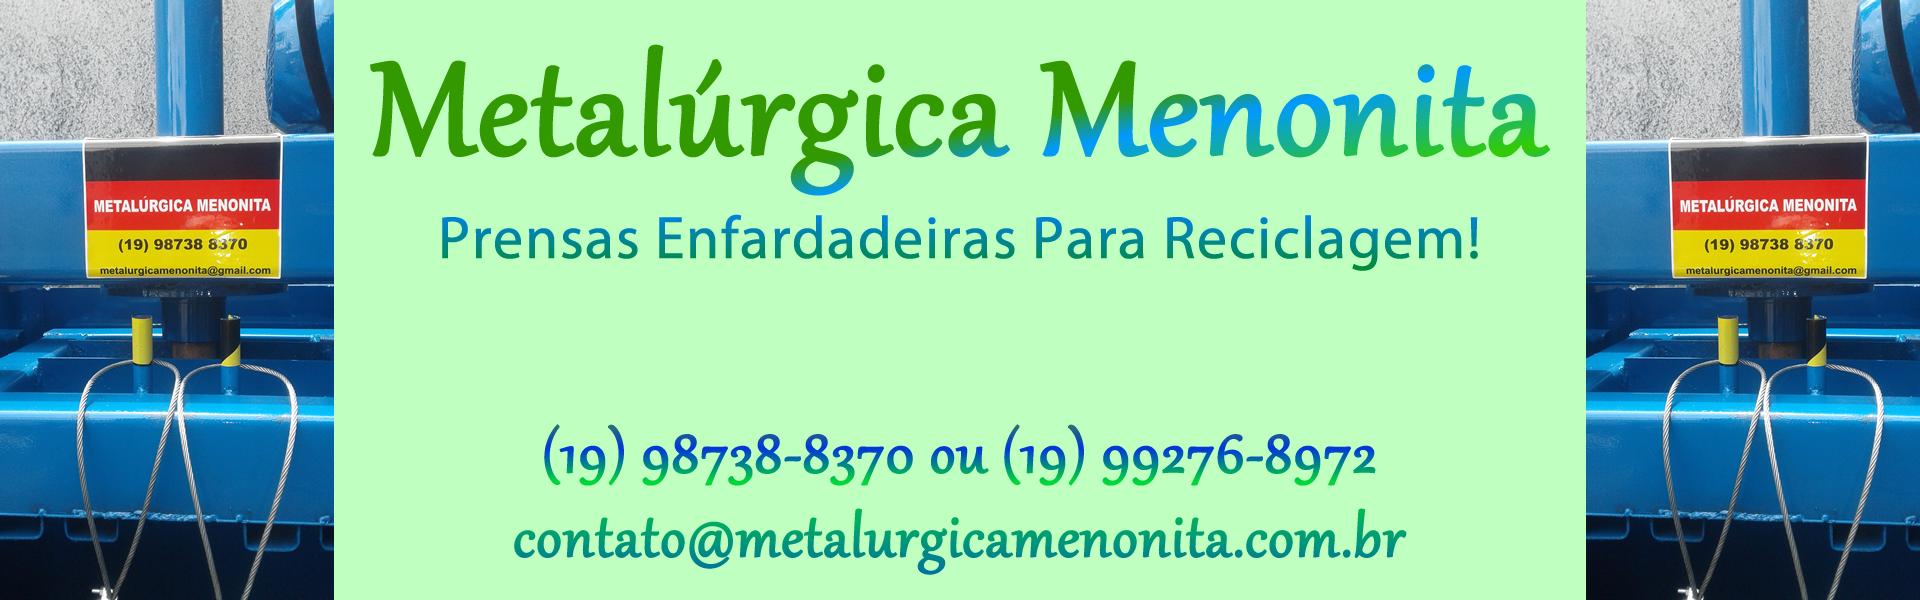 Metalurgica Menonita